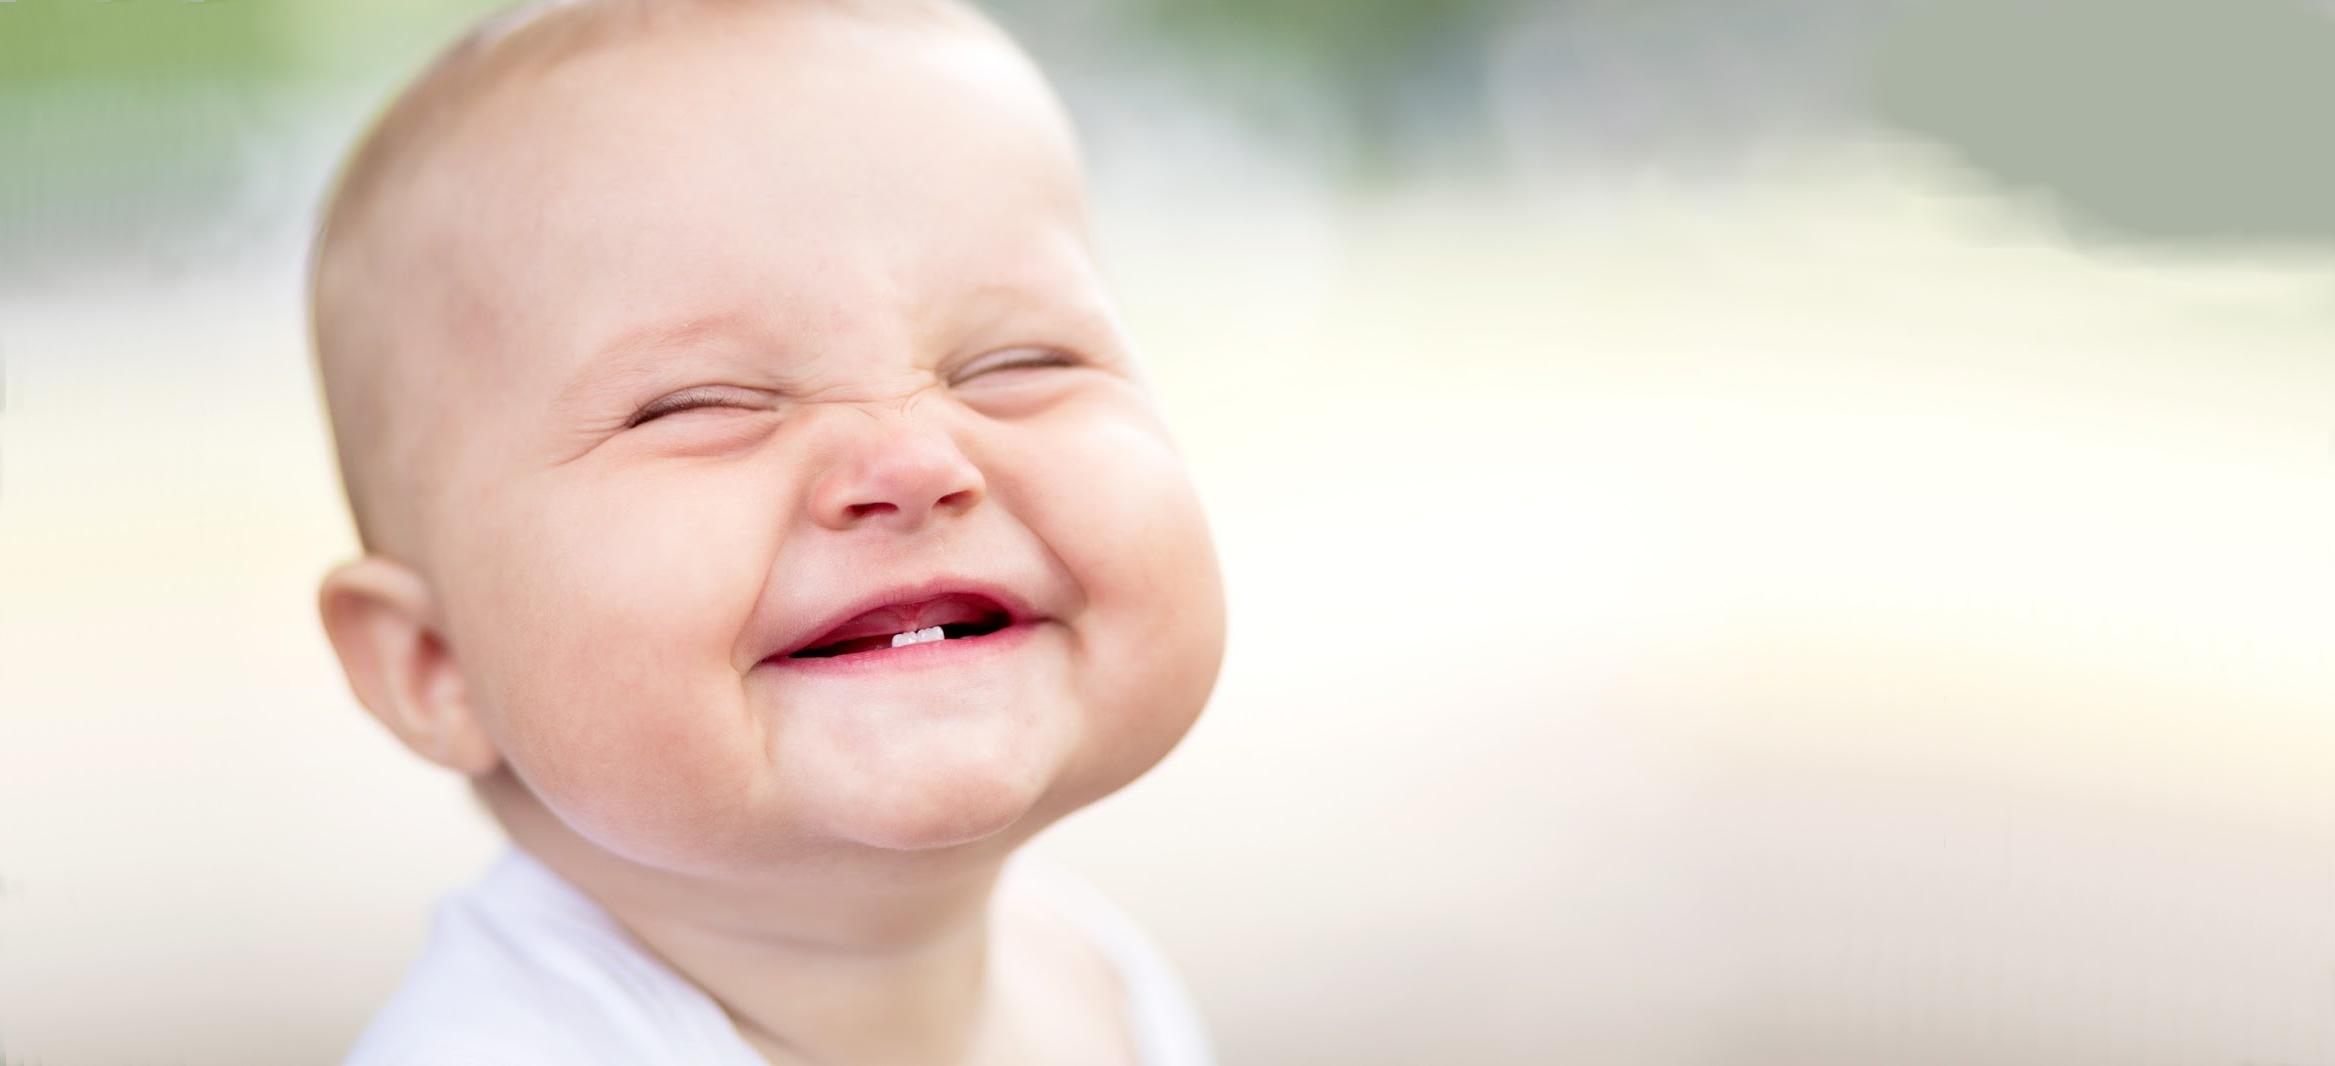 cómo desarrollar el sentido del humor